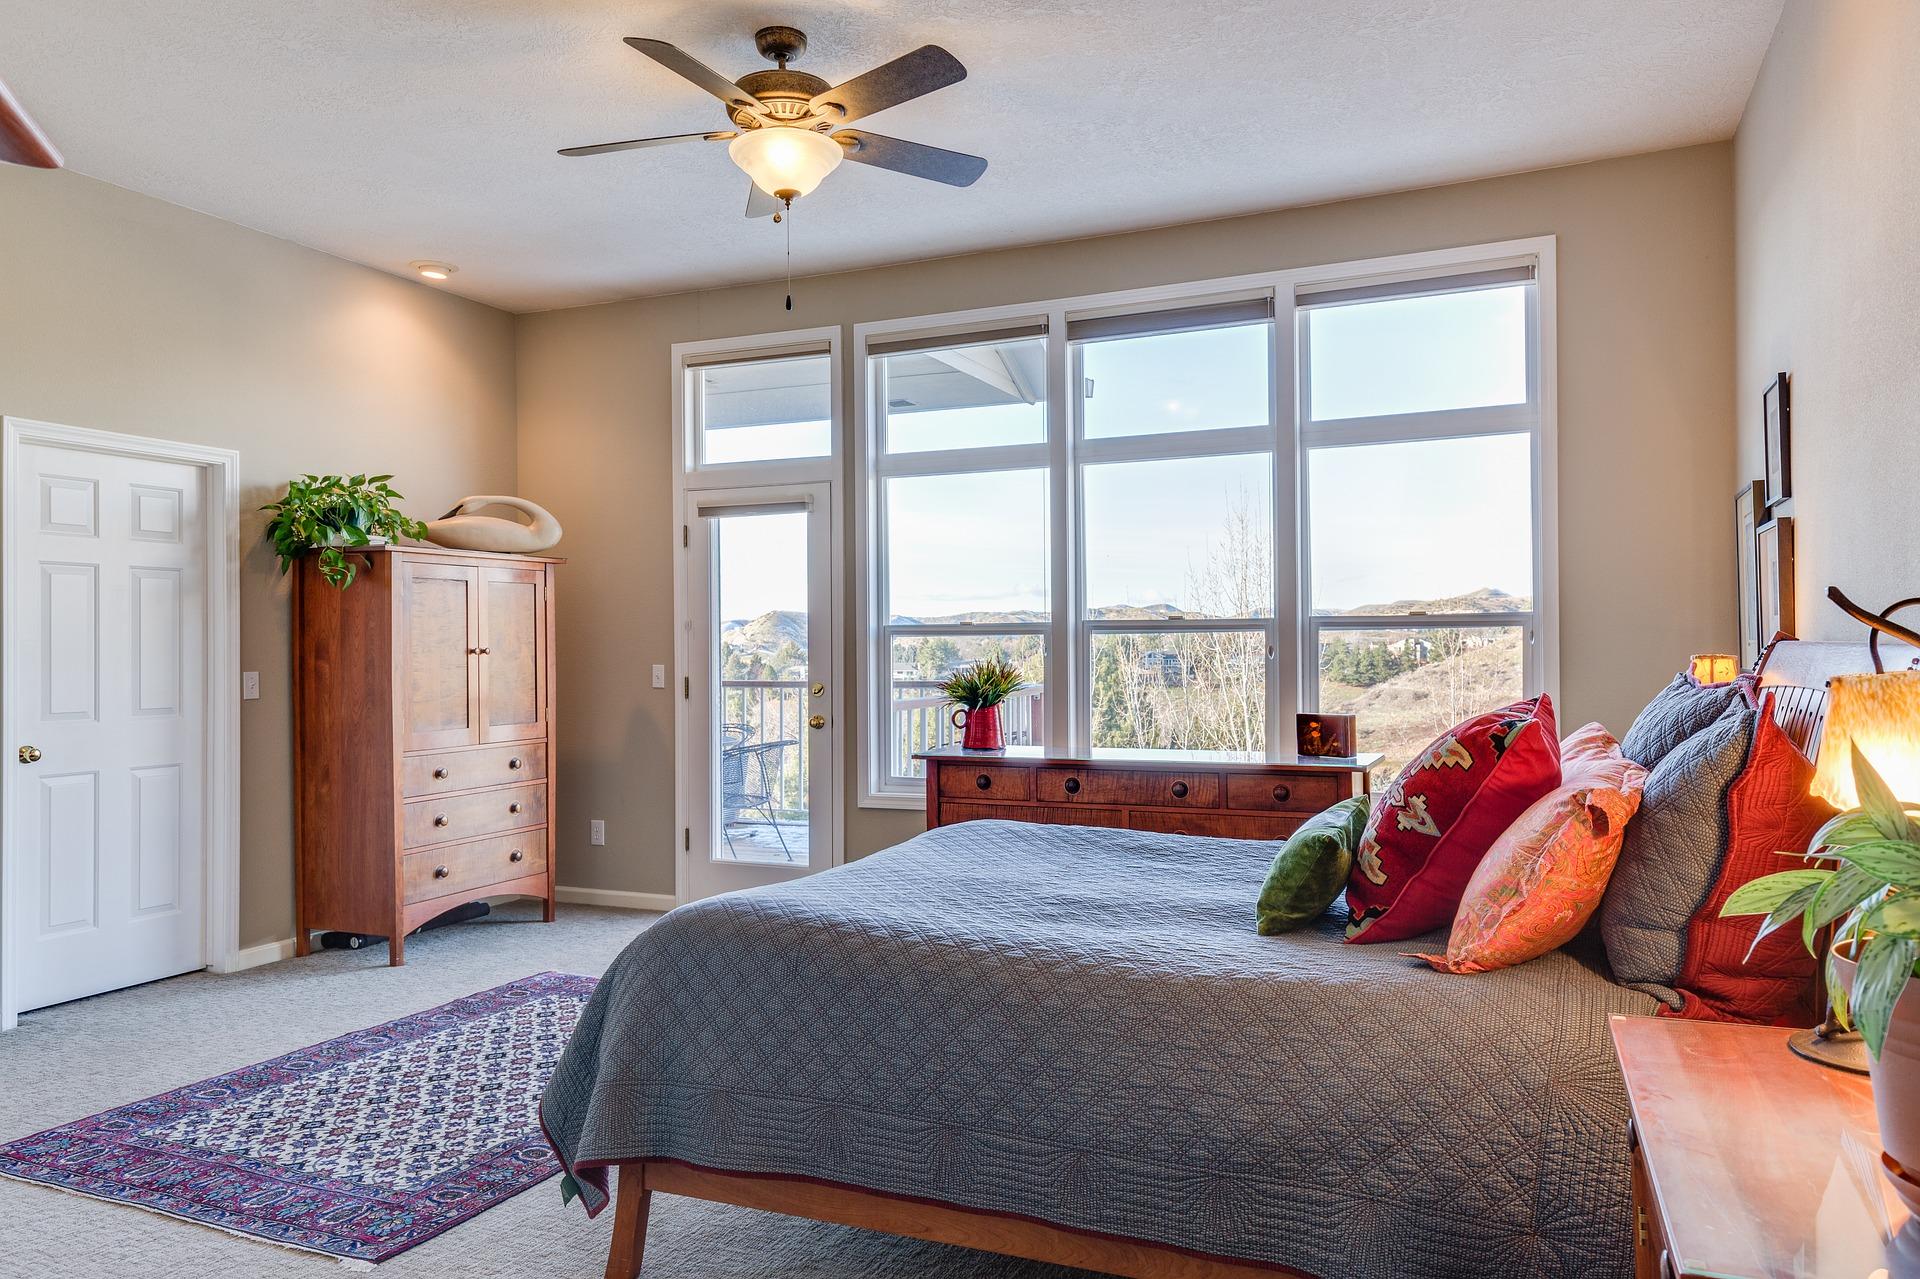 Bedroom Design Ideas - Patterns